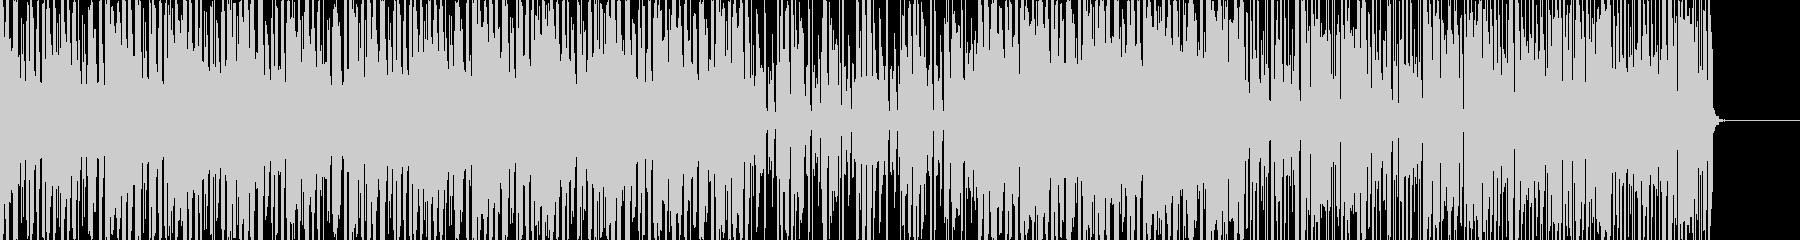 セレクト画面 ブリーフィングなどに使えるの未再生の波形